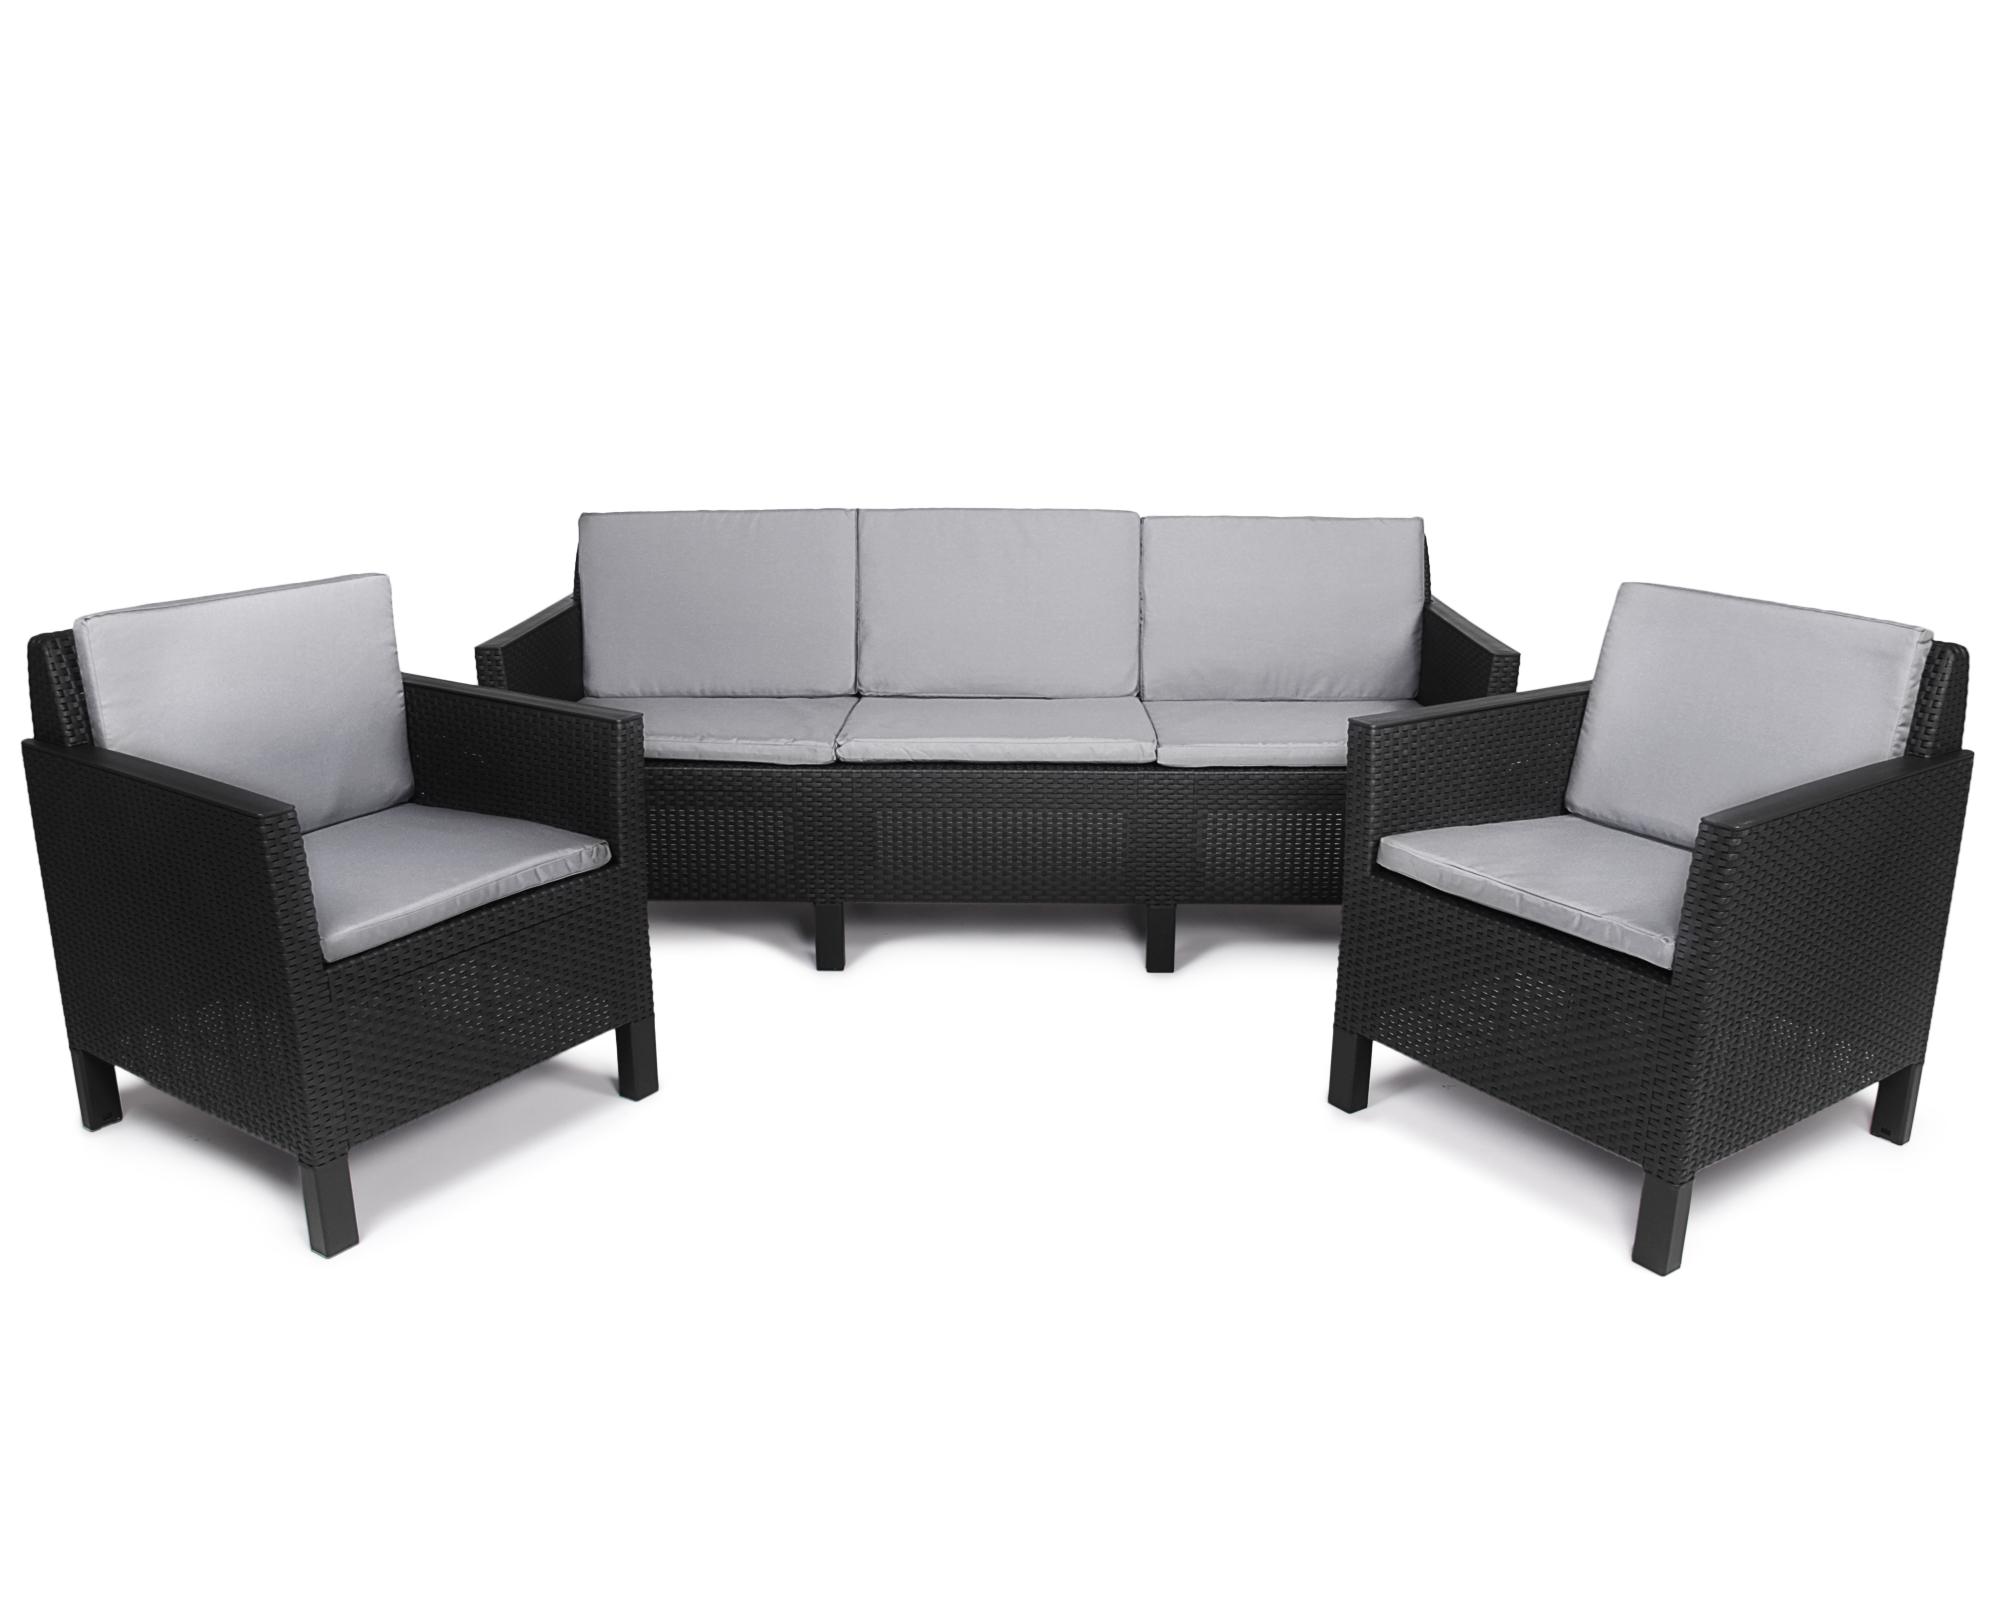 Full Size of Sofa Kaufen Günstig Ondis24 Chicago Lounge Set 5 Sitze Mit Gnstig Online Einbauküche Küche Halbrundes Schlaffunktion Günstige Betten 180x200 Barock Hussen Sofa Sofa Kaufen Günstig